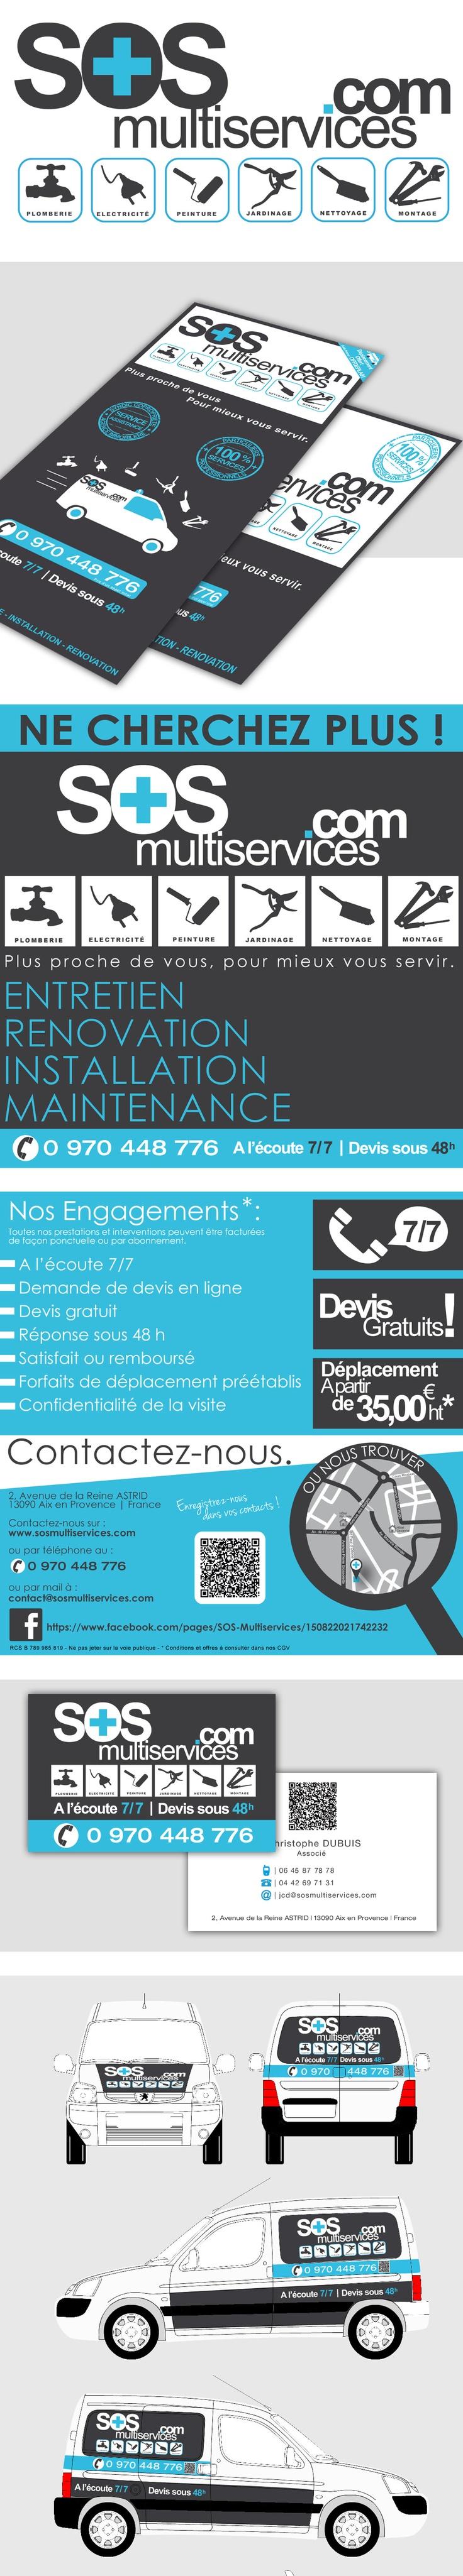 Sos Multiservices : Logo, design graphique, outils corporatifs, publicité imprimée, covering véhicule.